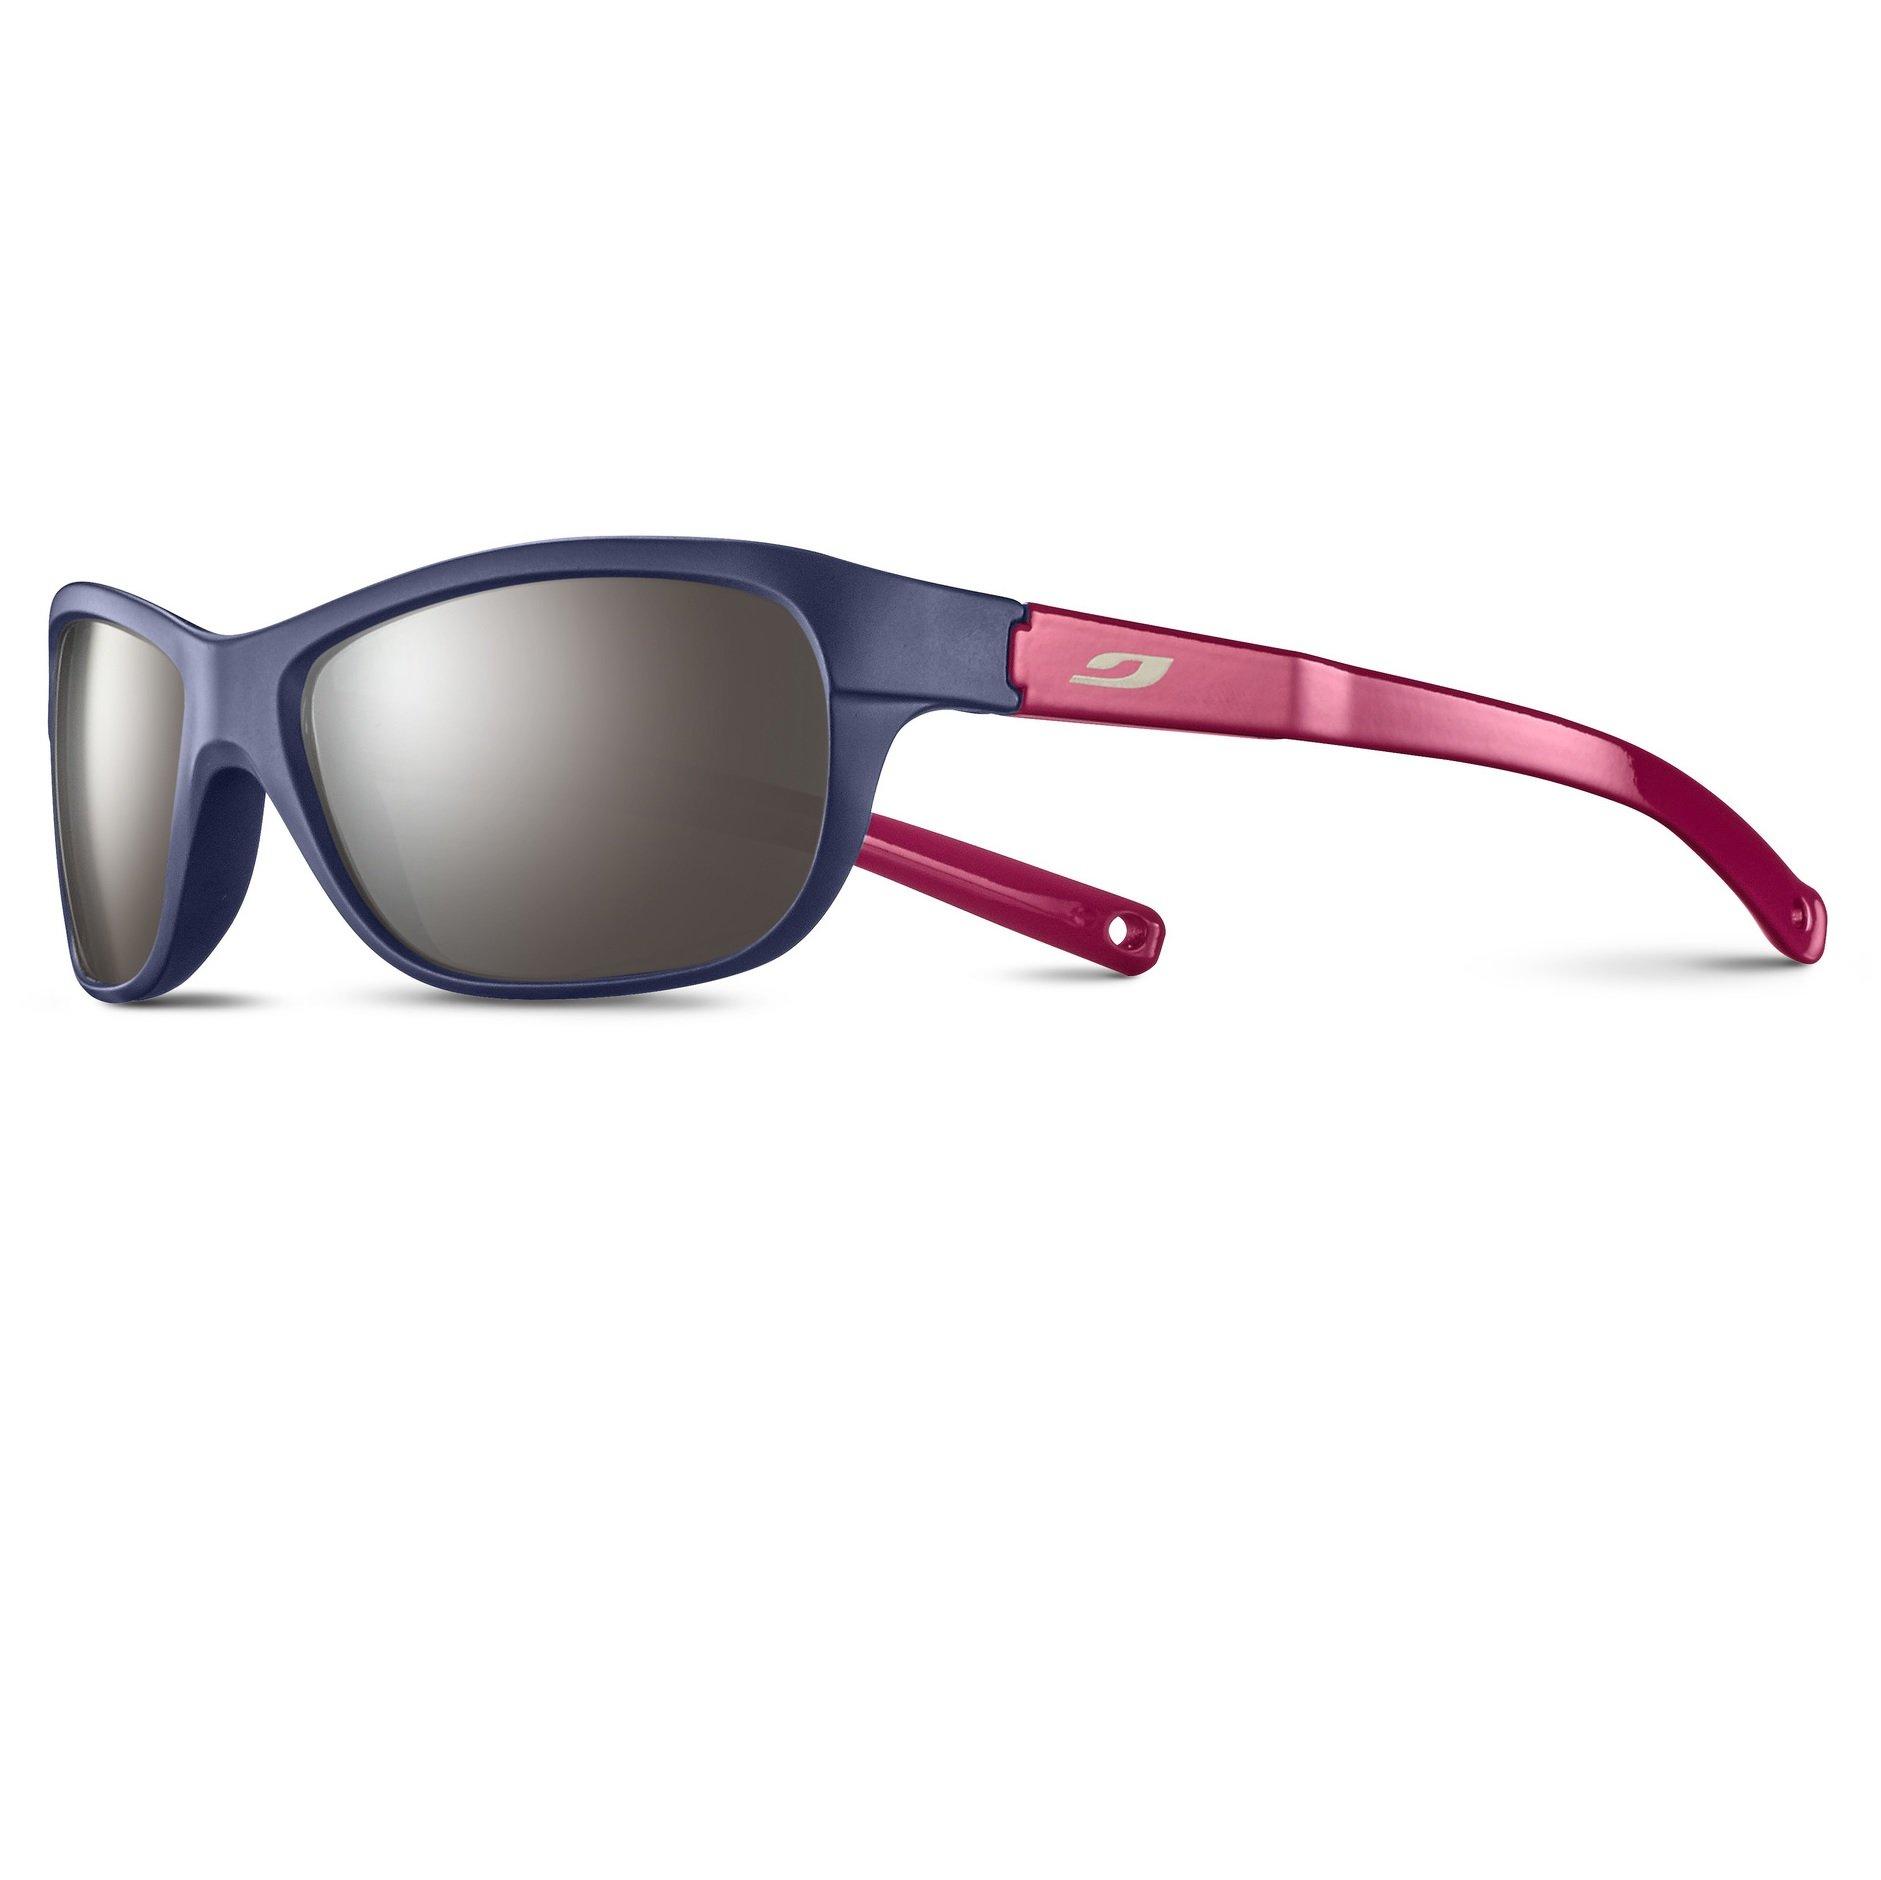 julbo-player-l-violet-rose-lunette-de-soleil-junior-2